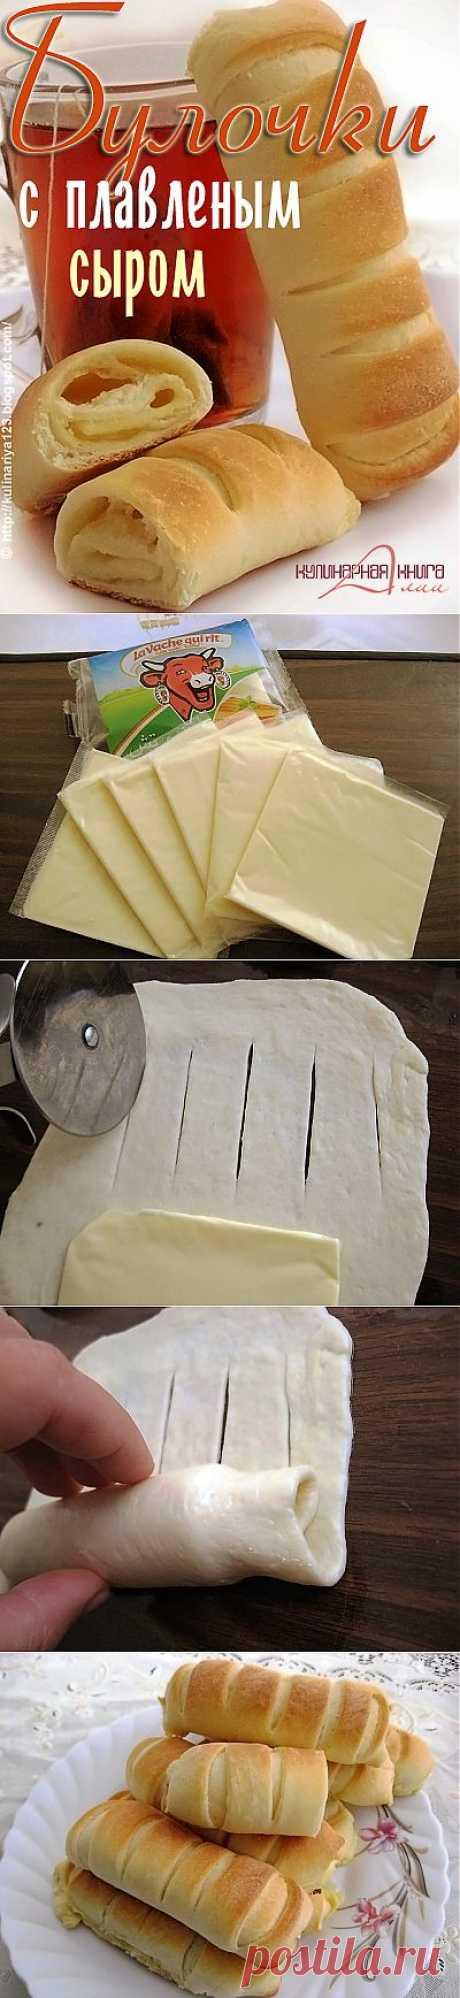 Булочки с плавленым сыром.